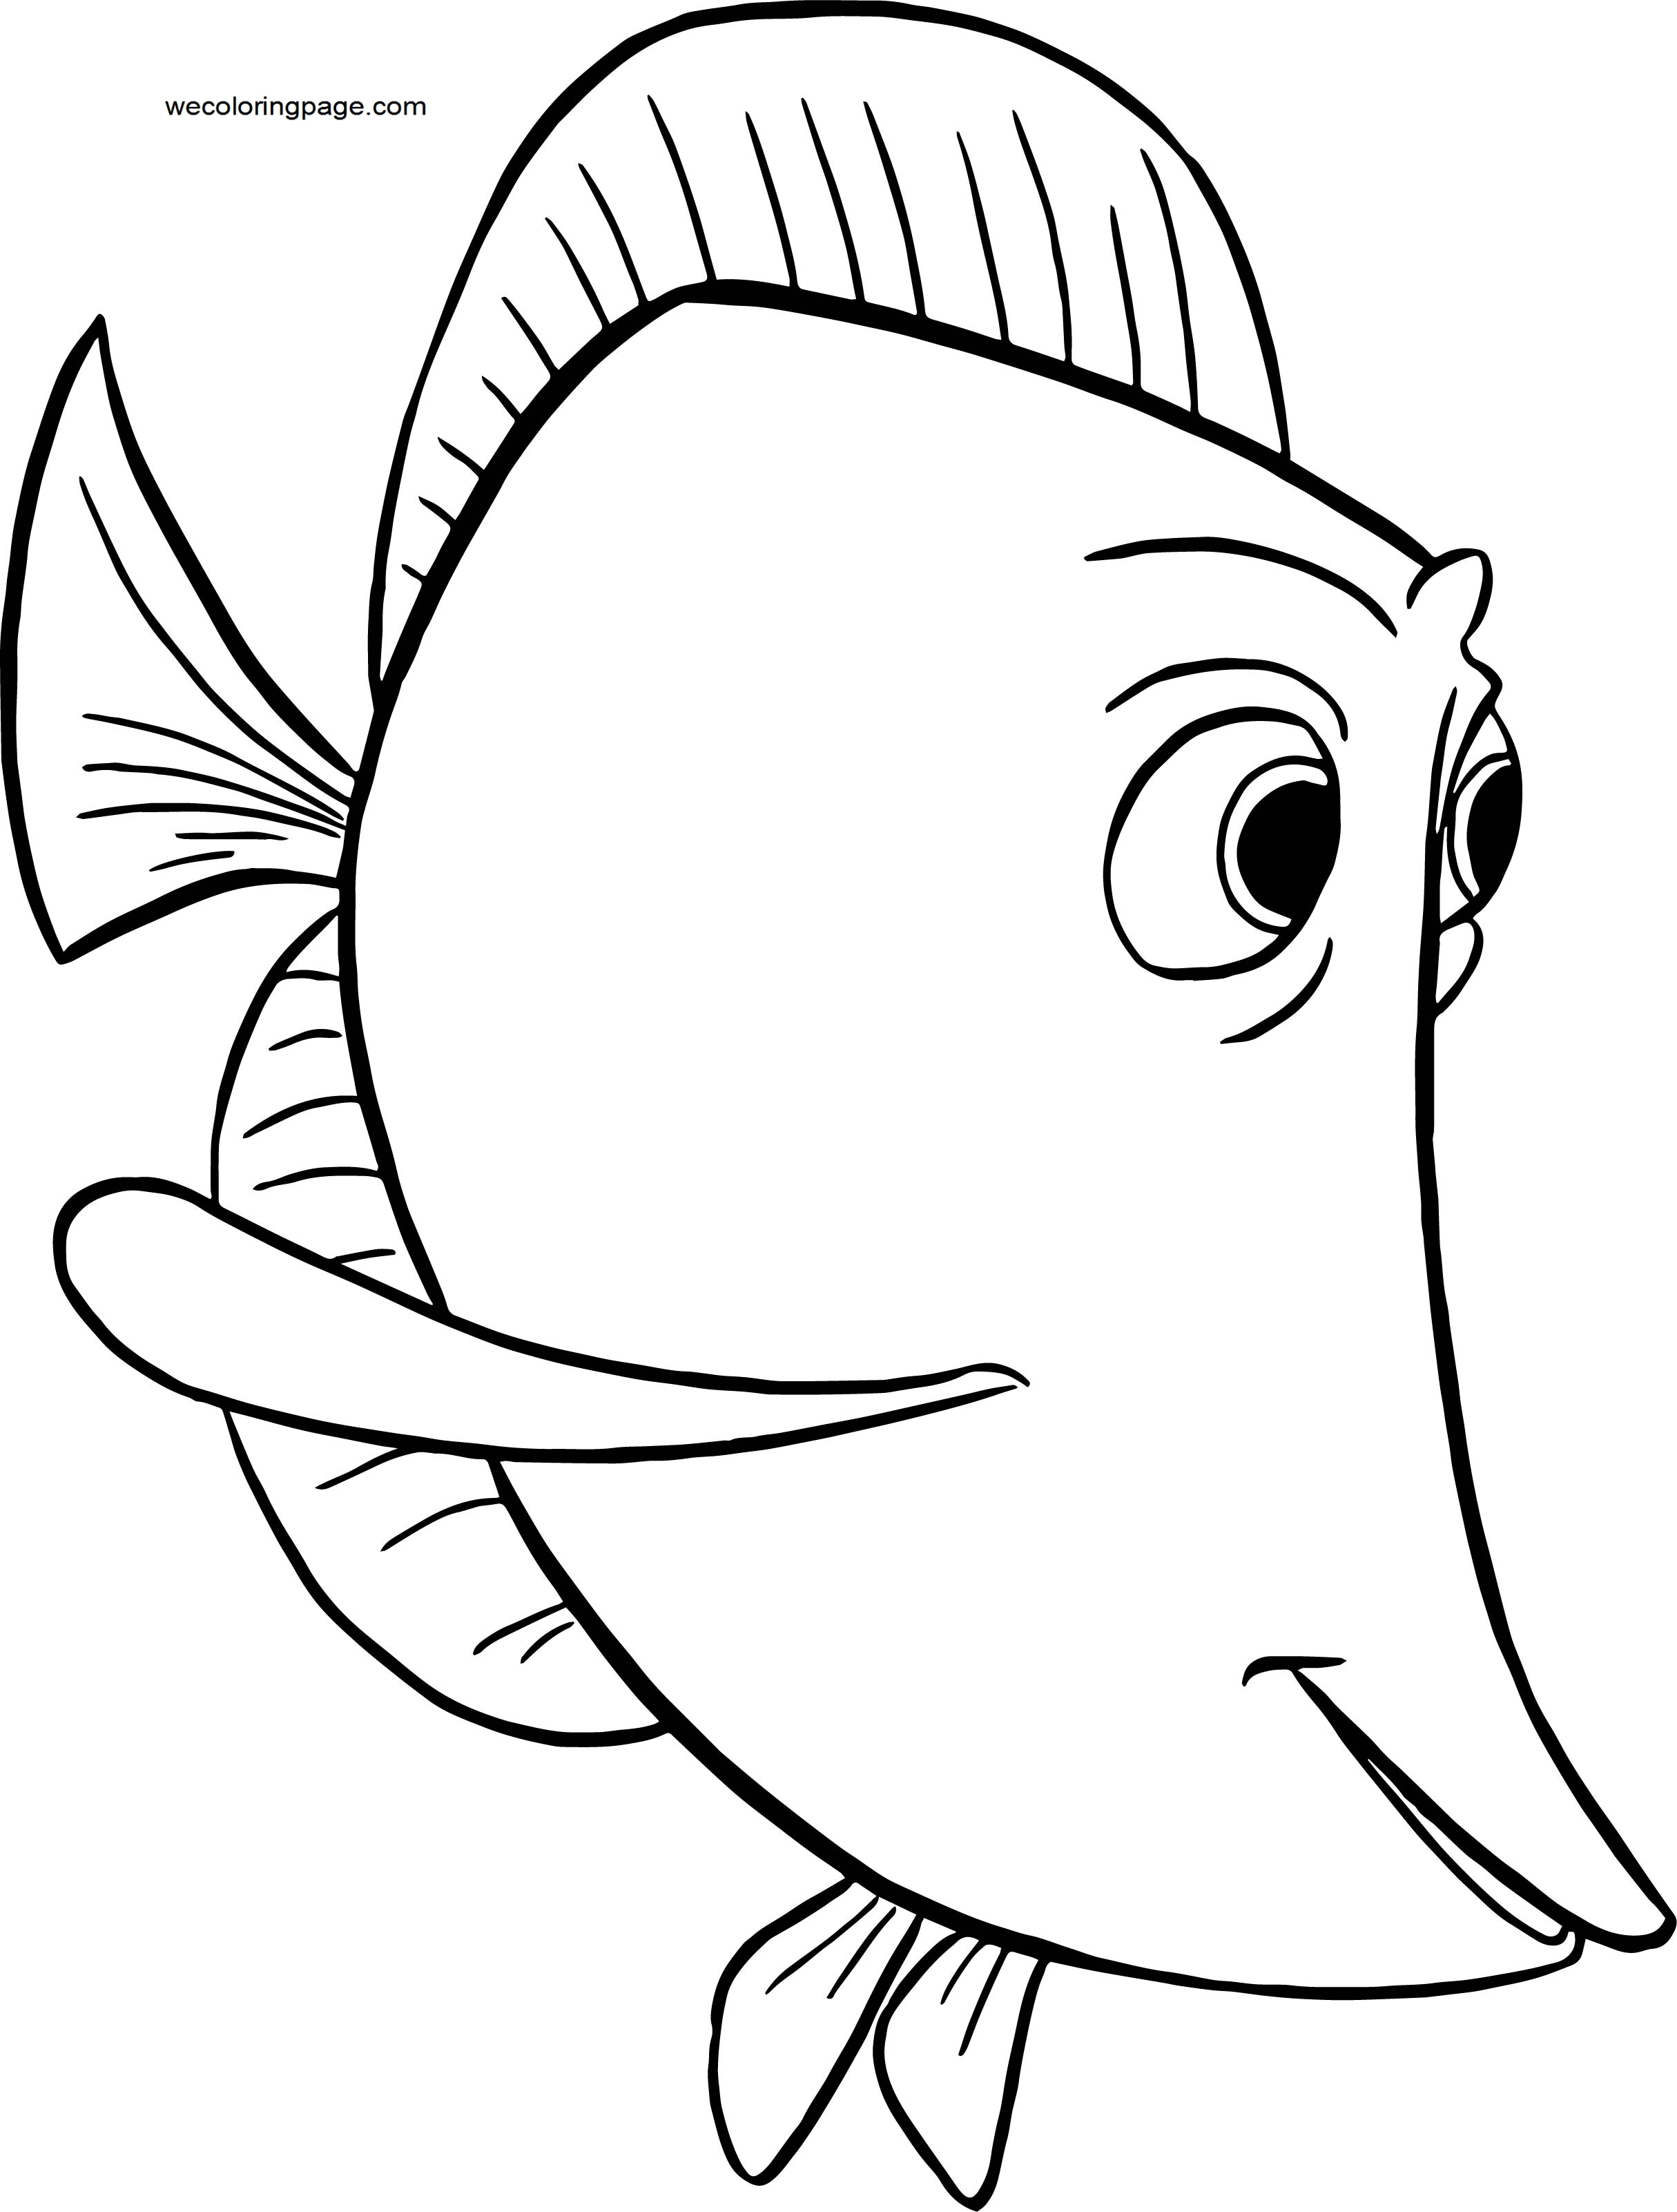 Disney Finding Nemobubbles 214145001 Coloring Pages